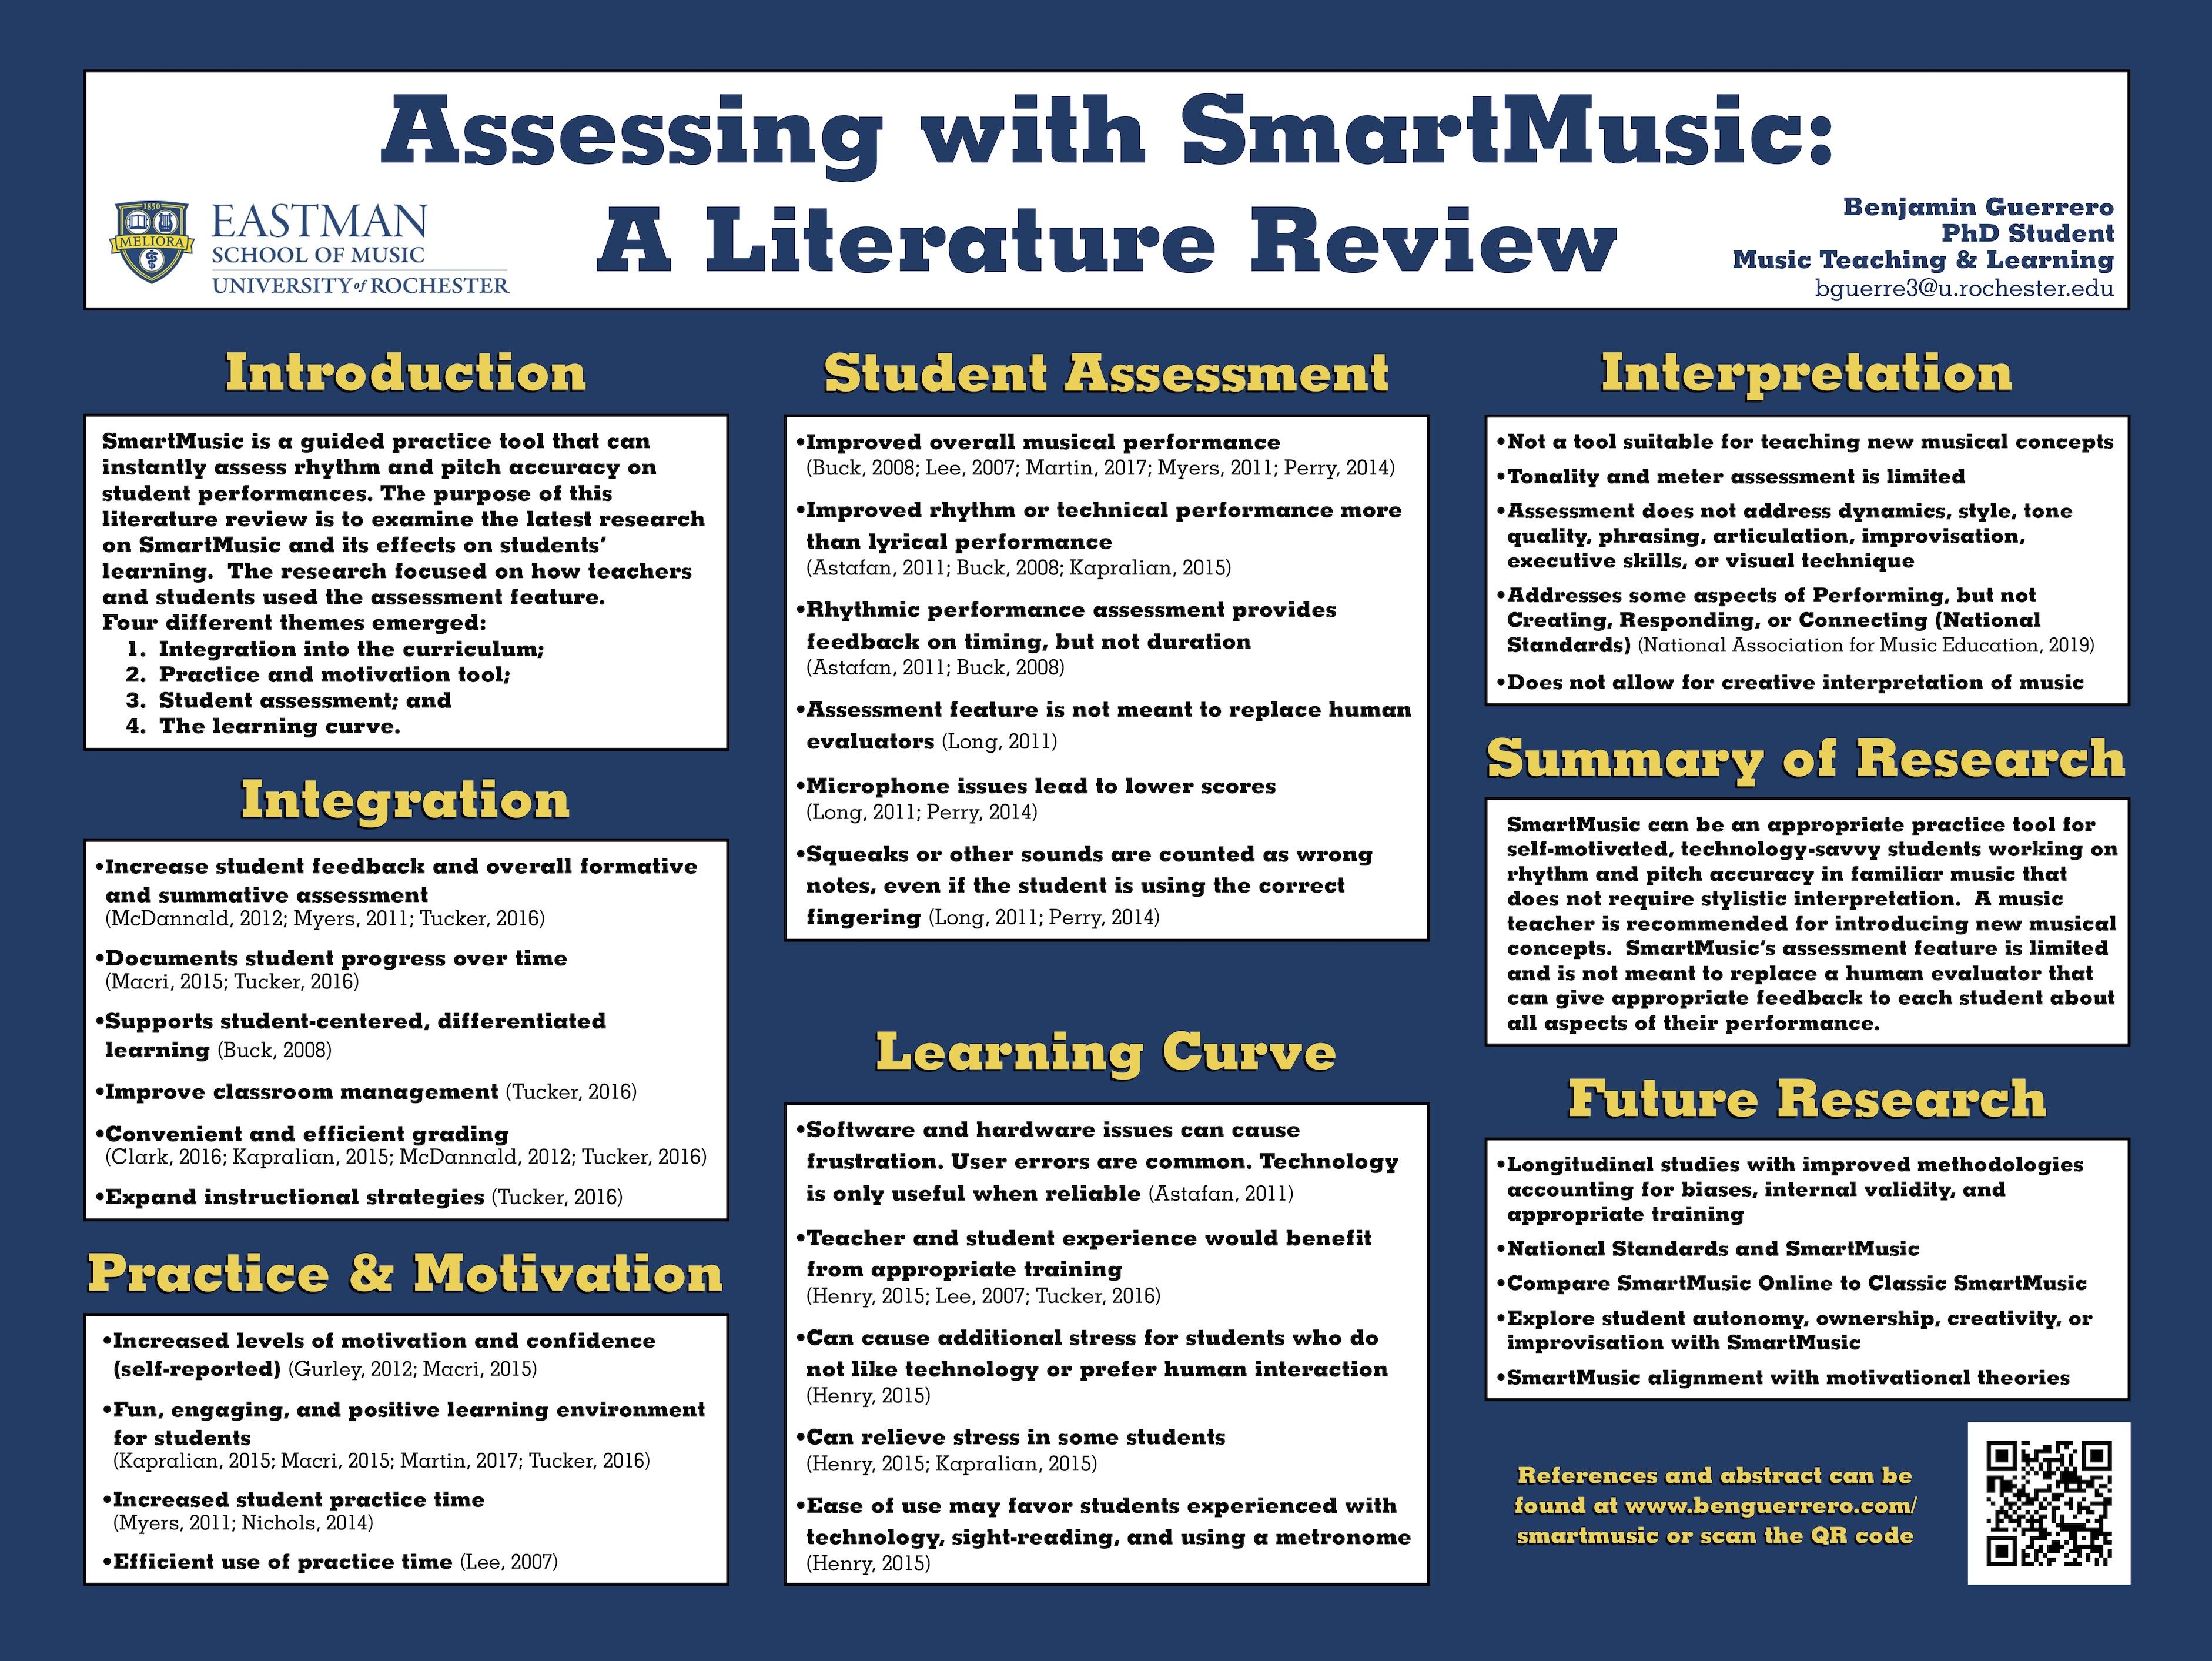 Ben Guerrero - Smart Music Poster